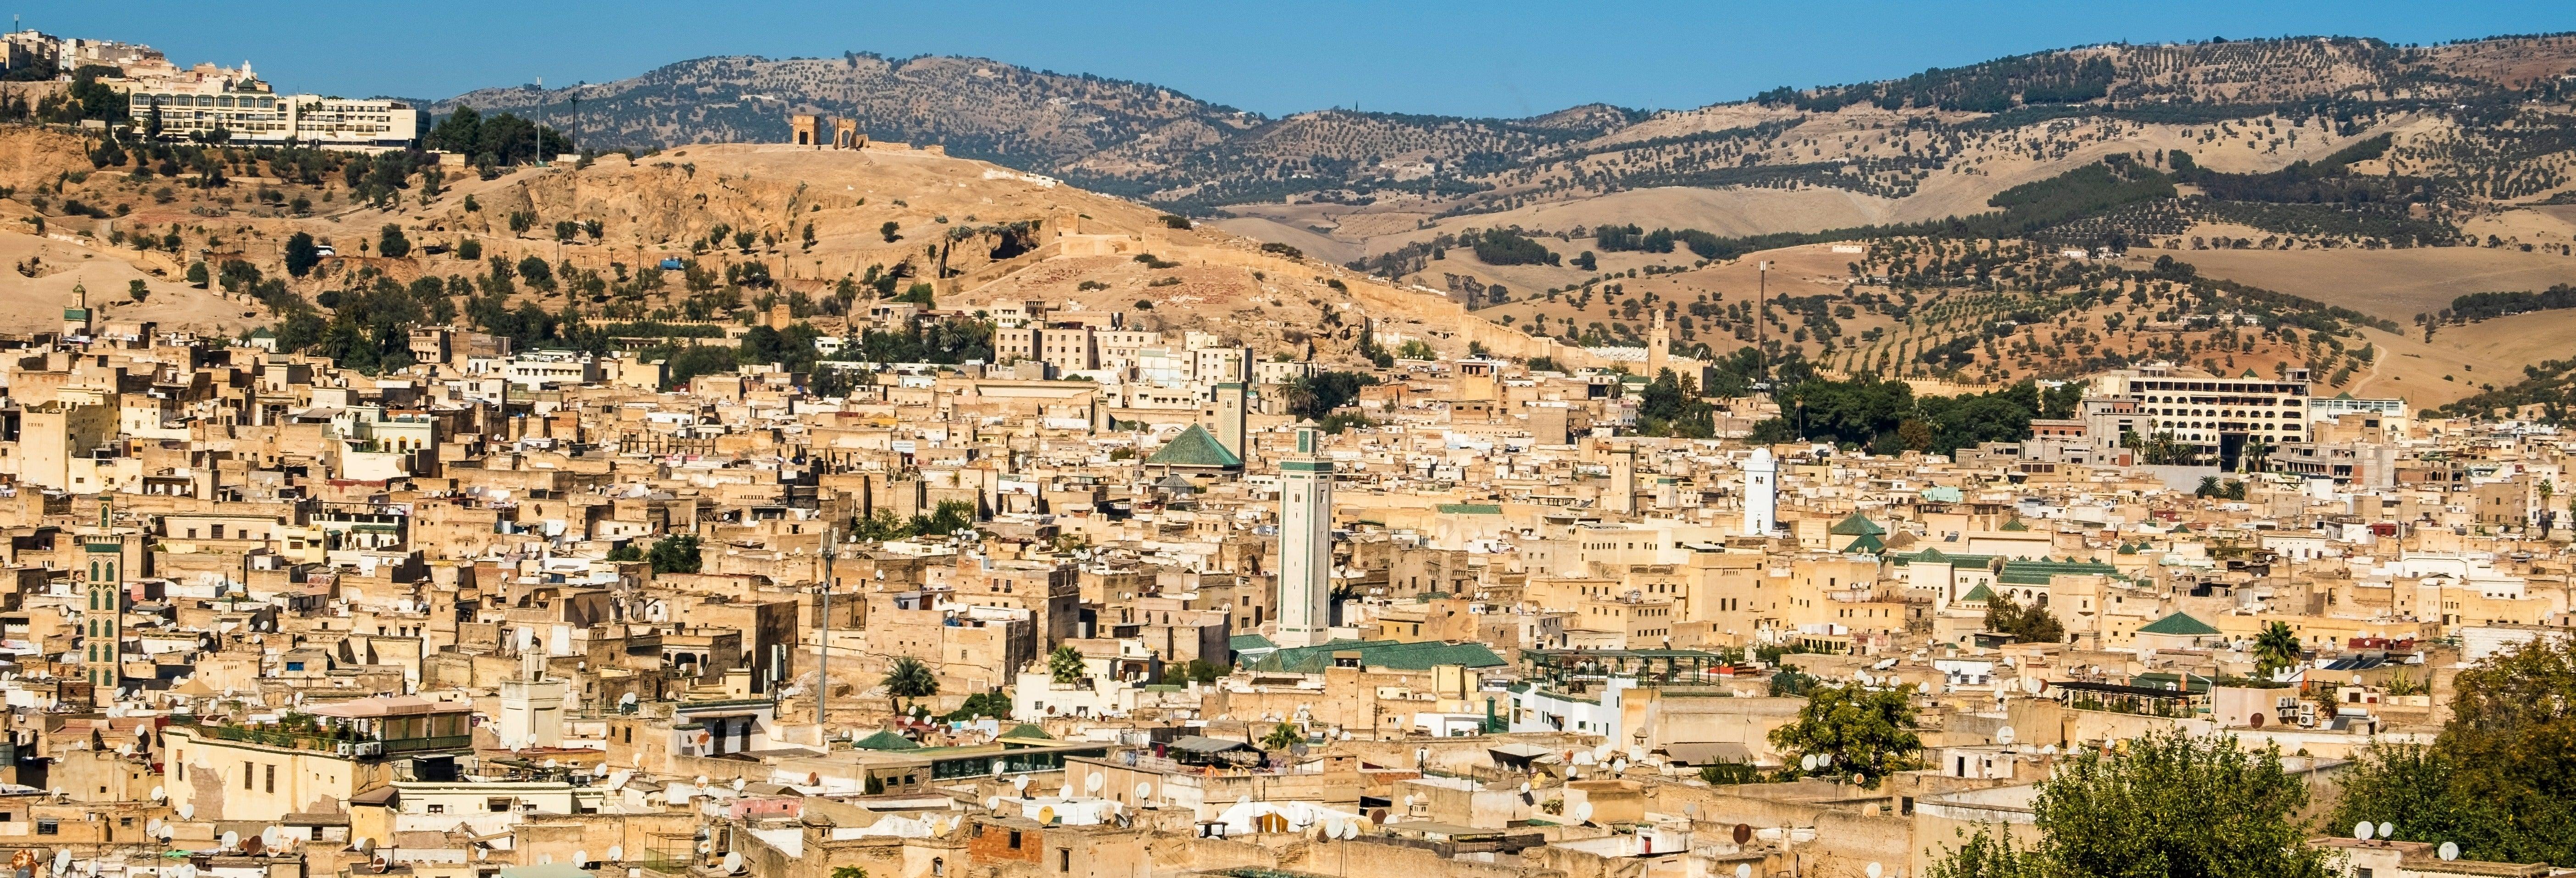 Visita guiada por Fez e tour panorâmico